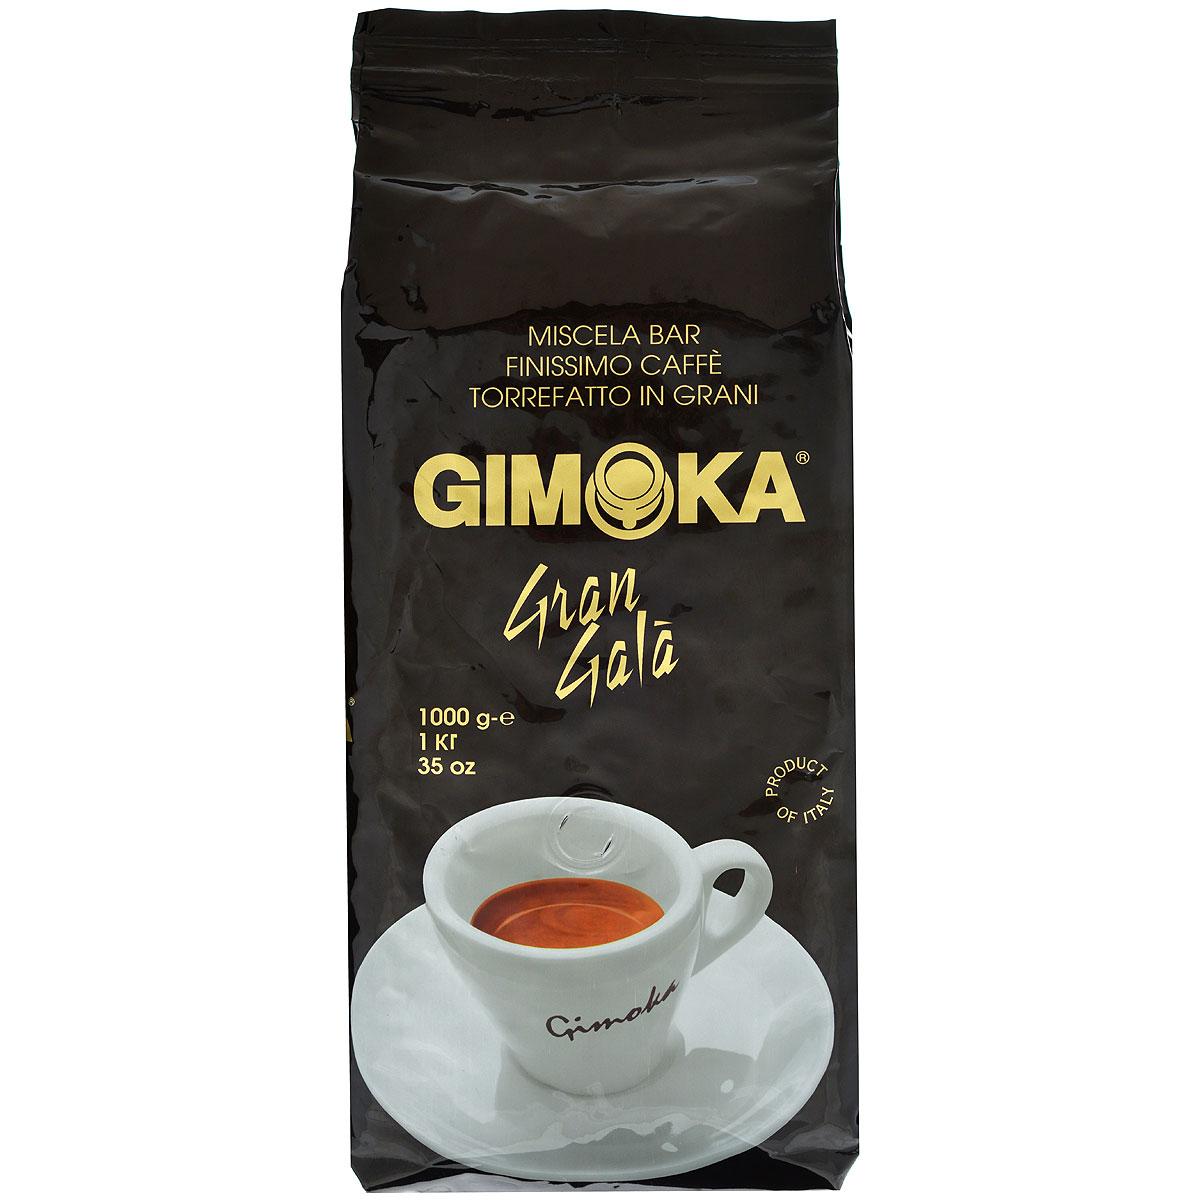 Gimoka Nero Gran Gala кофе в зернах, 1 кг8003012100005Натуральный жареный кофе в зернах Gimoka Nero Gran Gala. Деликатная кофейная смесь Арабики для самых взыскательных гурманов. Обладает мягким ароматом и нежным бархатным вкусом. Состав смеси: 90% арабика, 10% робуста.